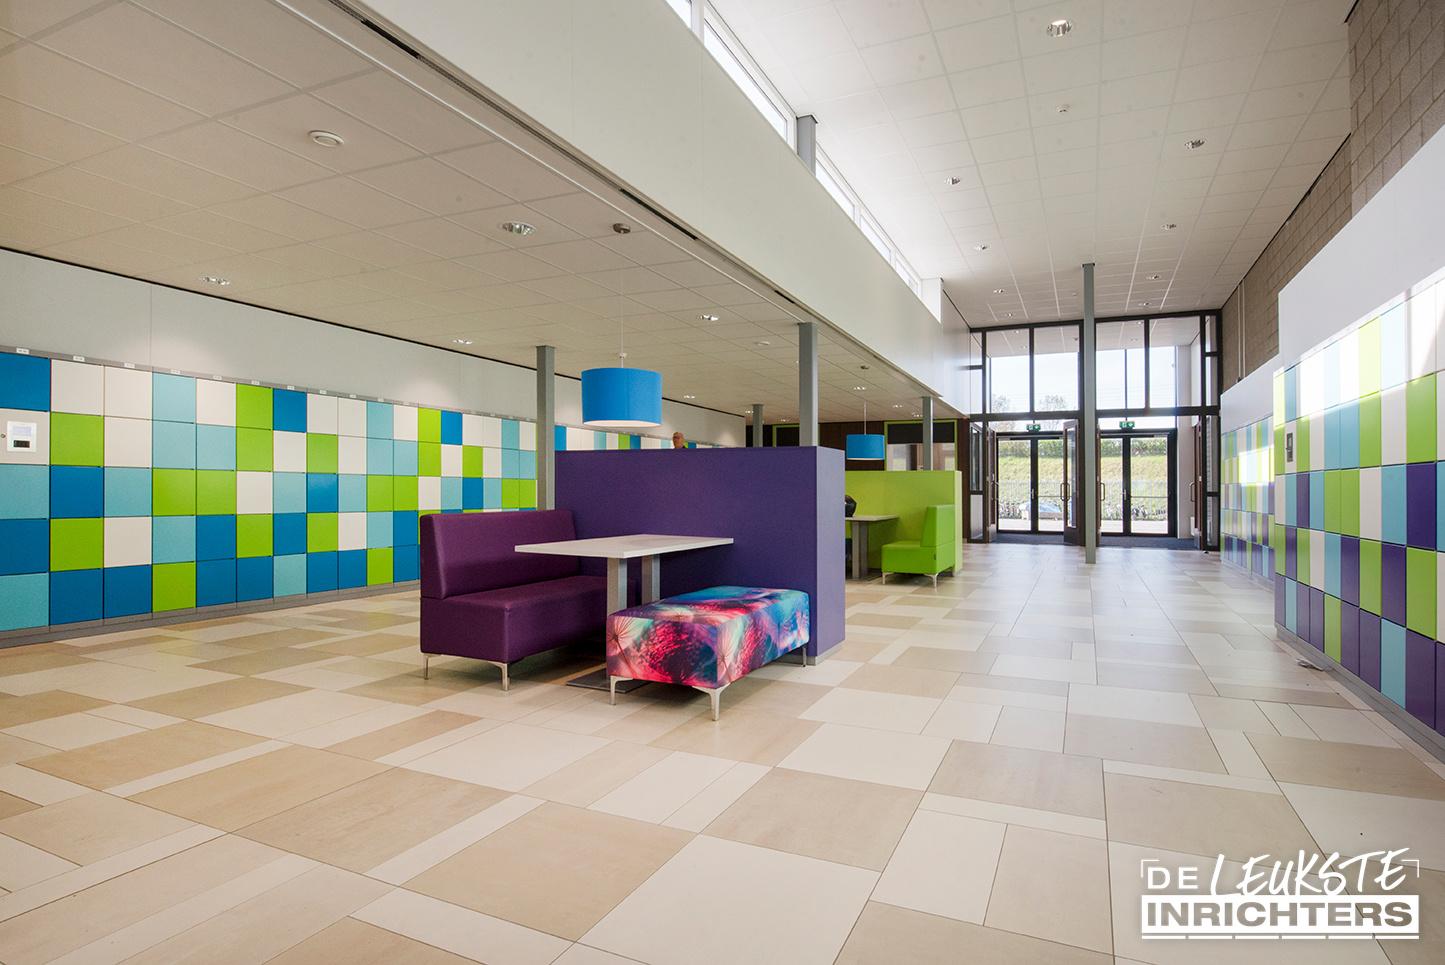 Alfrink aula hal gang ontwerp inrichting 5